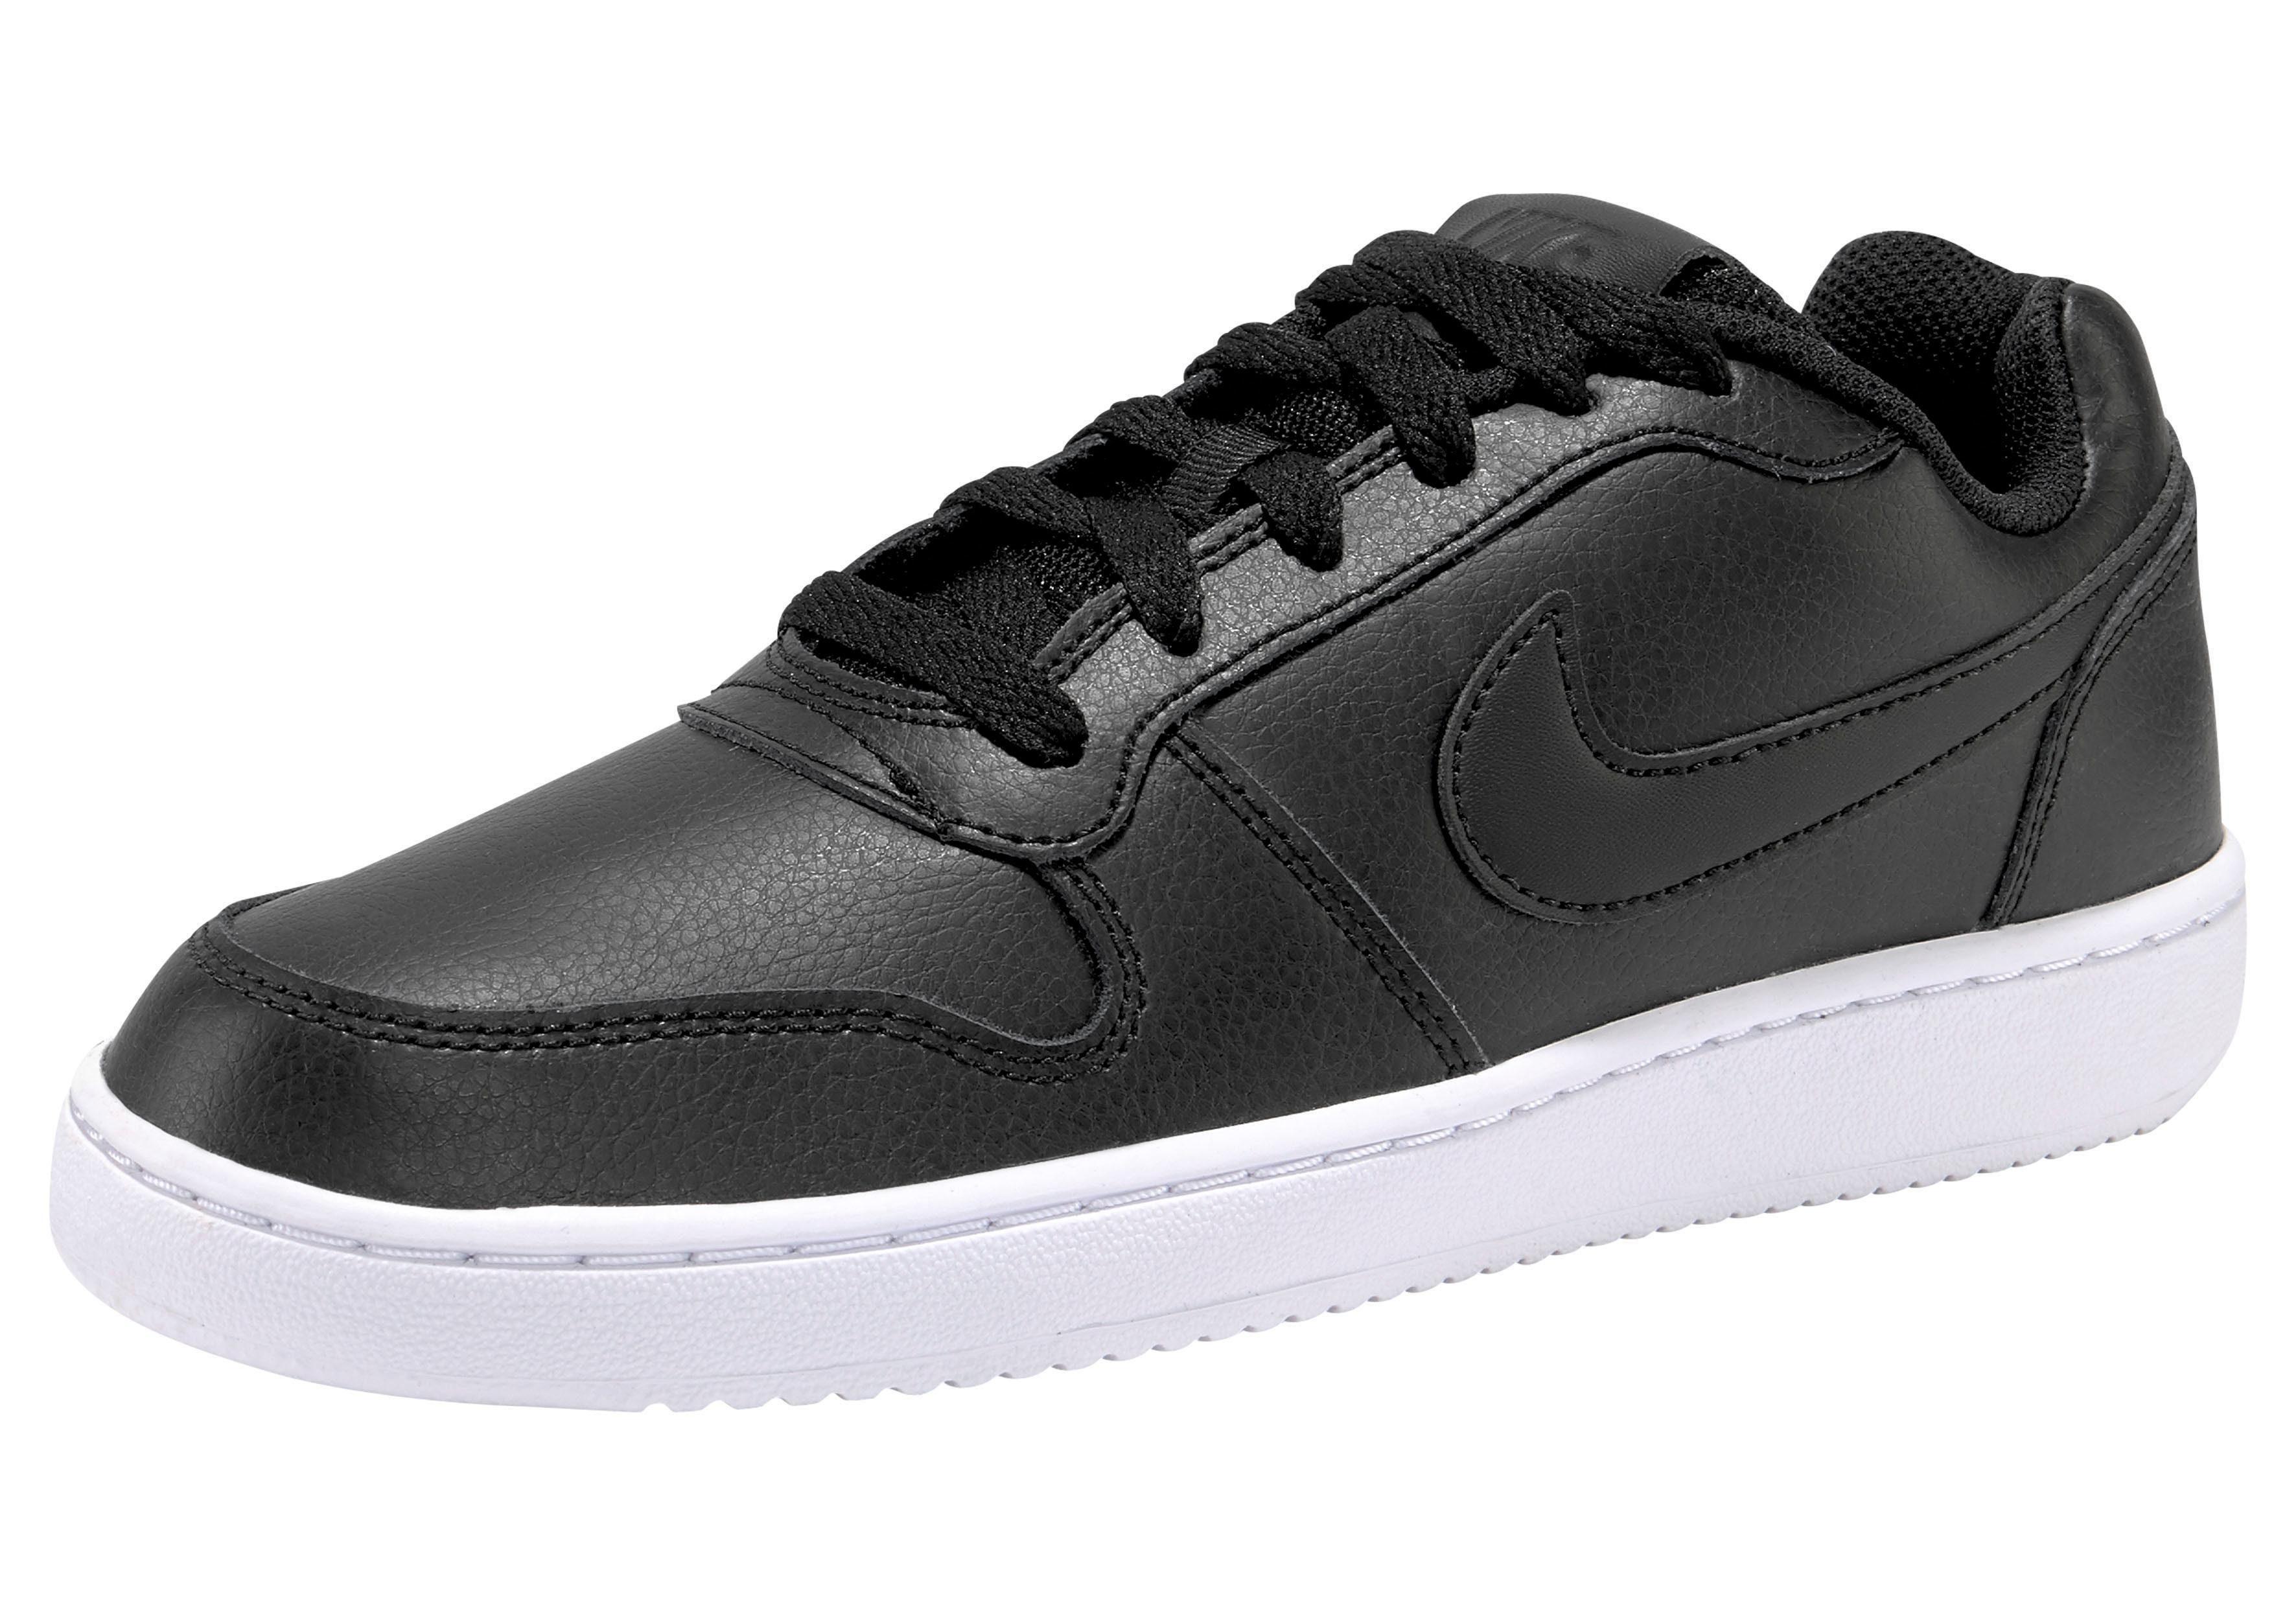 Nike Sportswear »Wmns Ebernon Low« Sneaker kaufen   OTTO